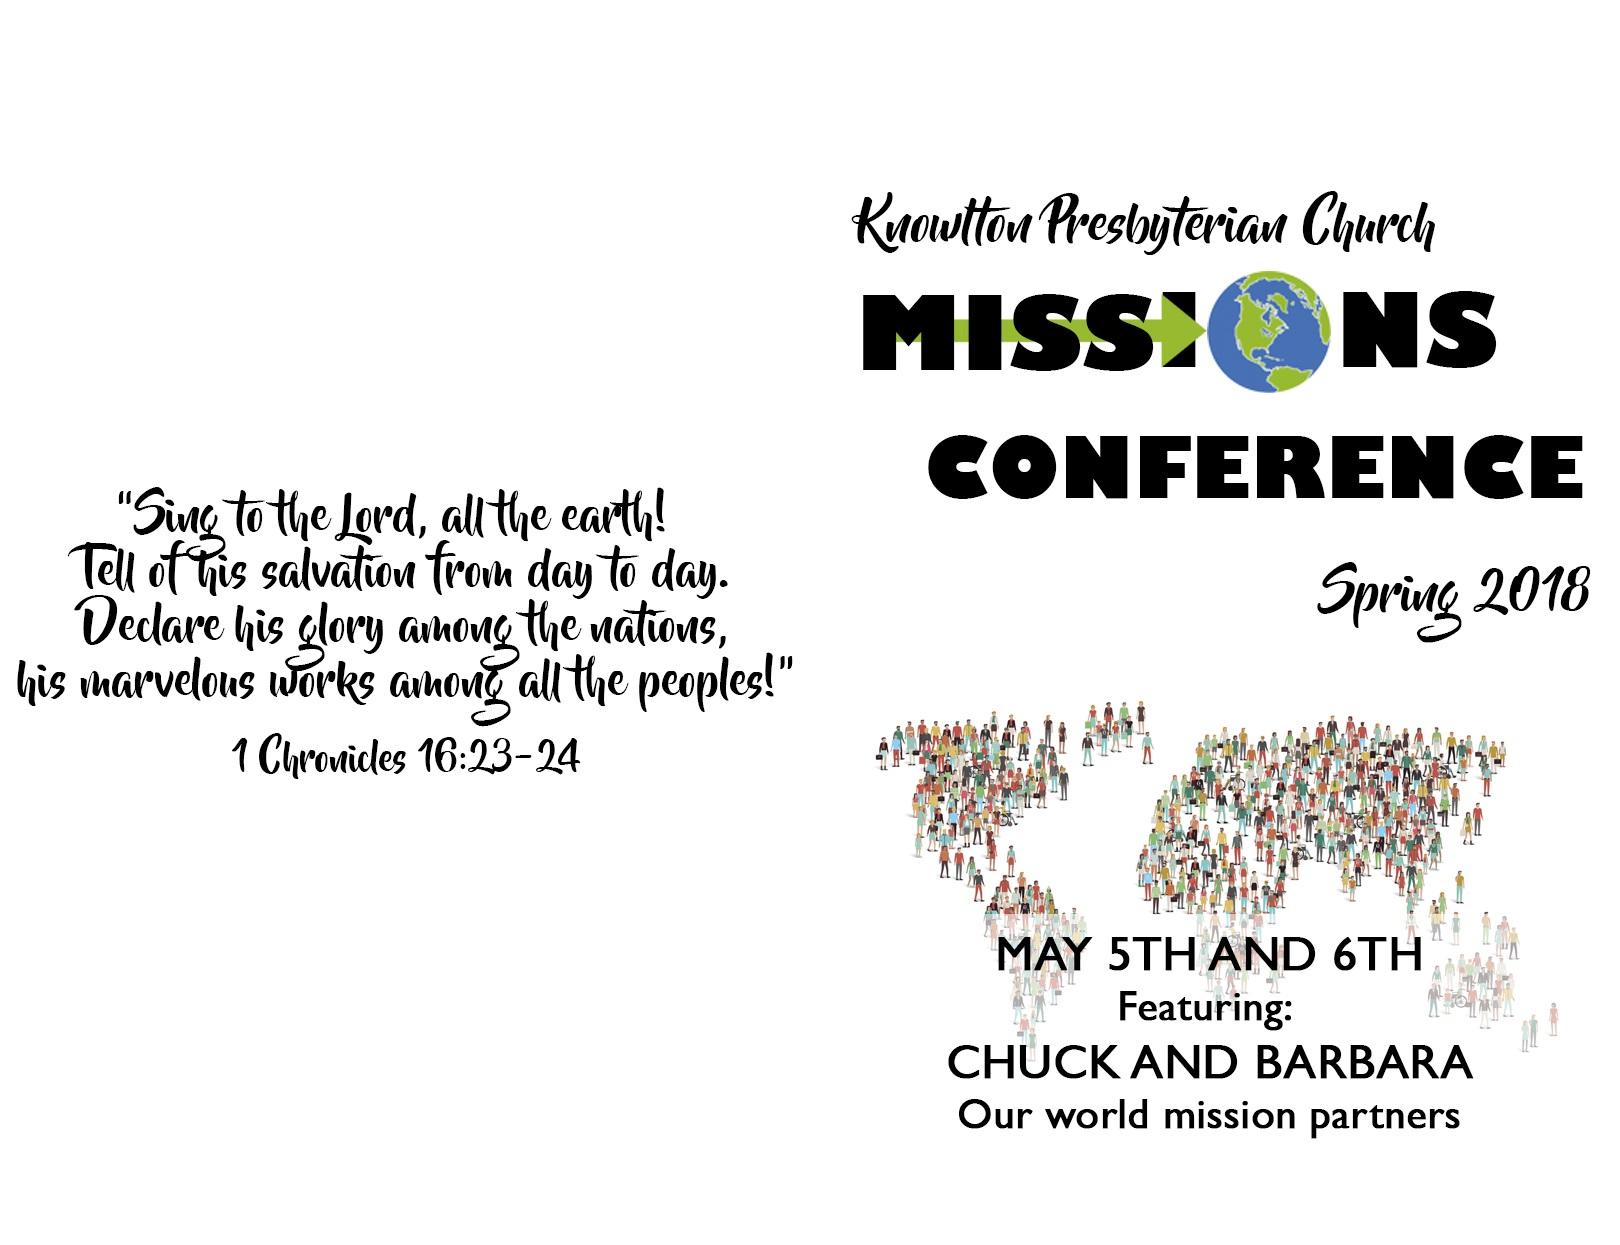 Saturday May 5th - Sunday May 6th